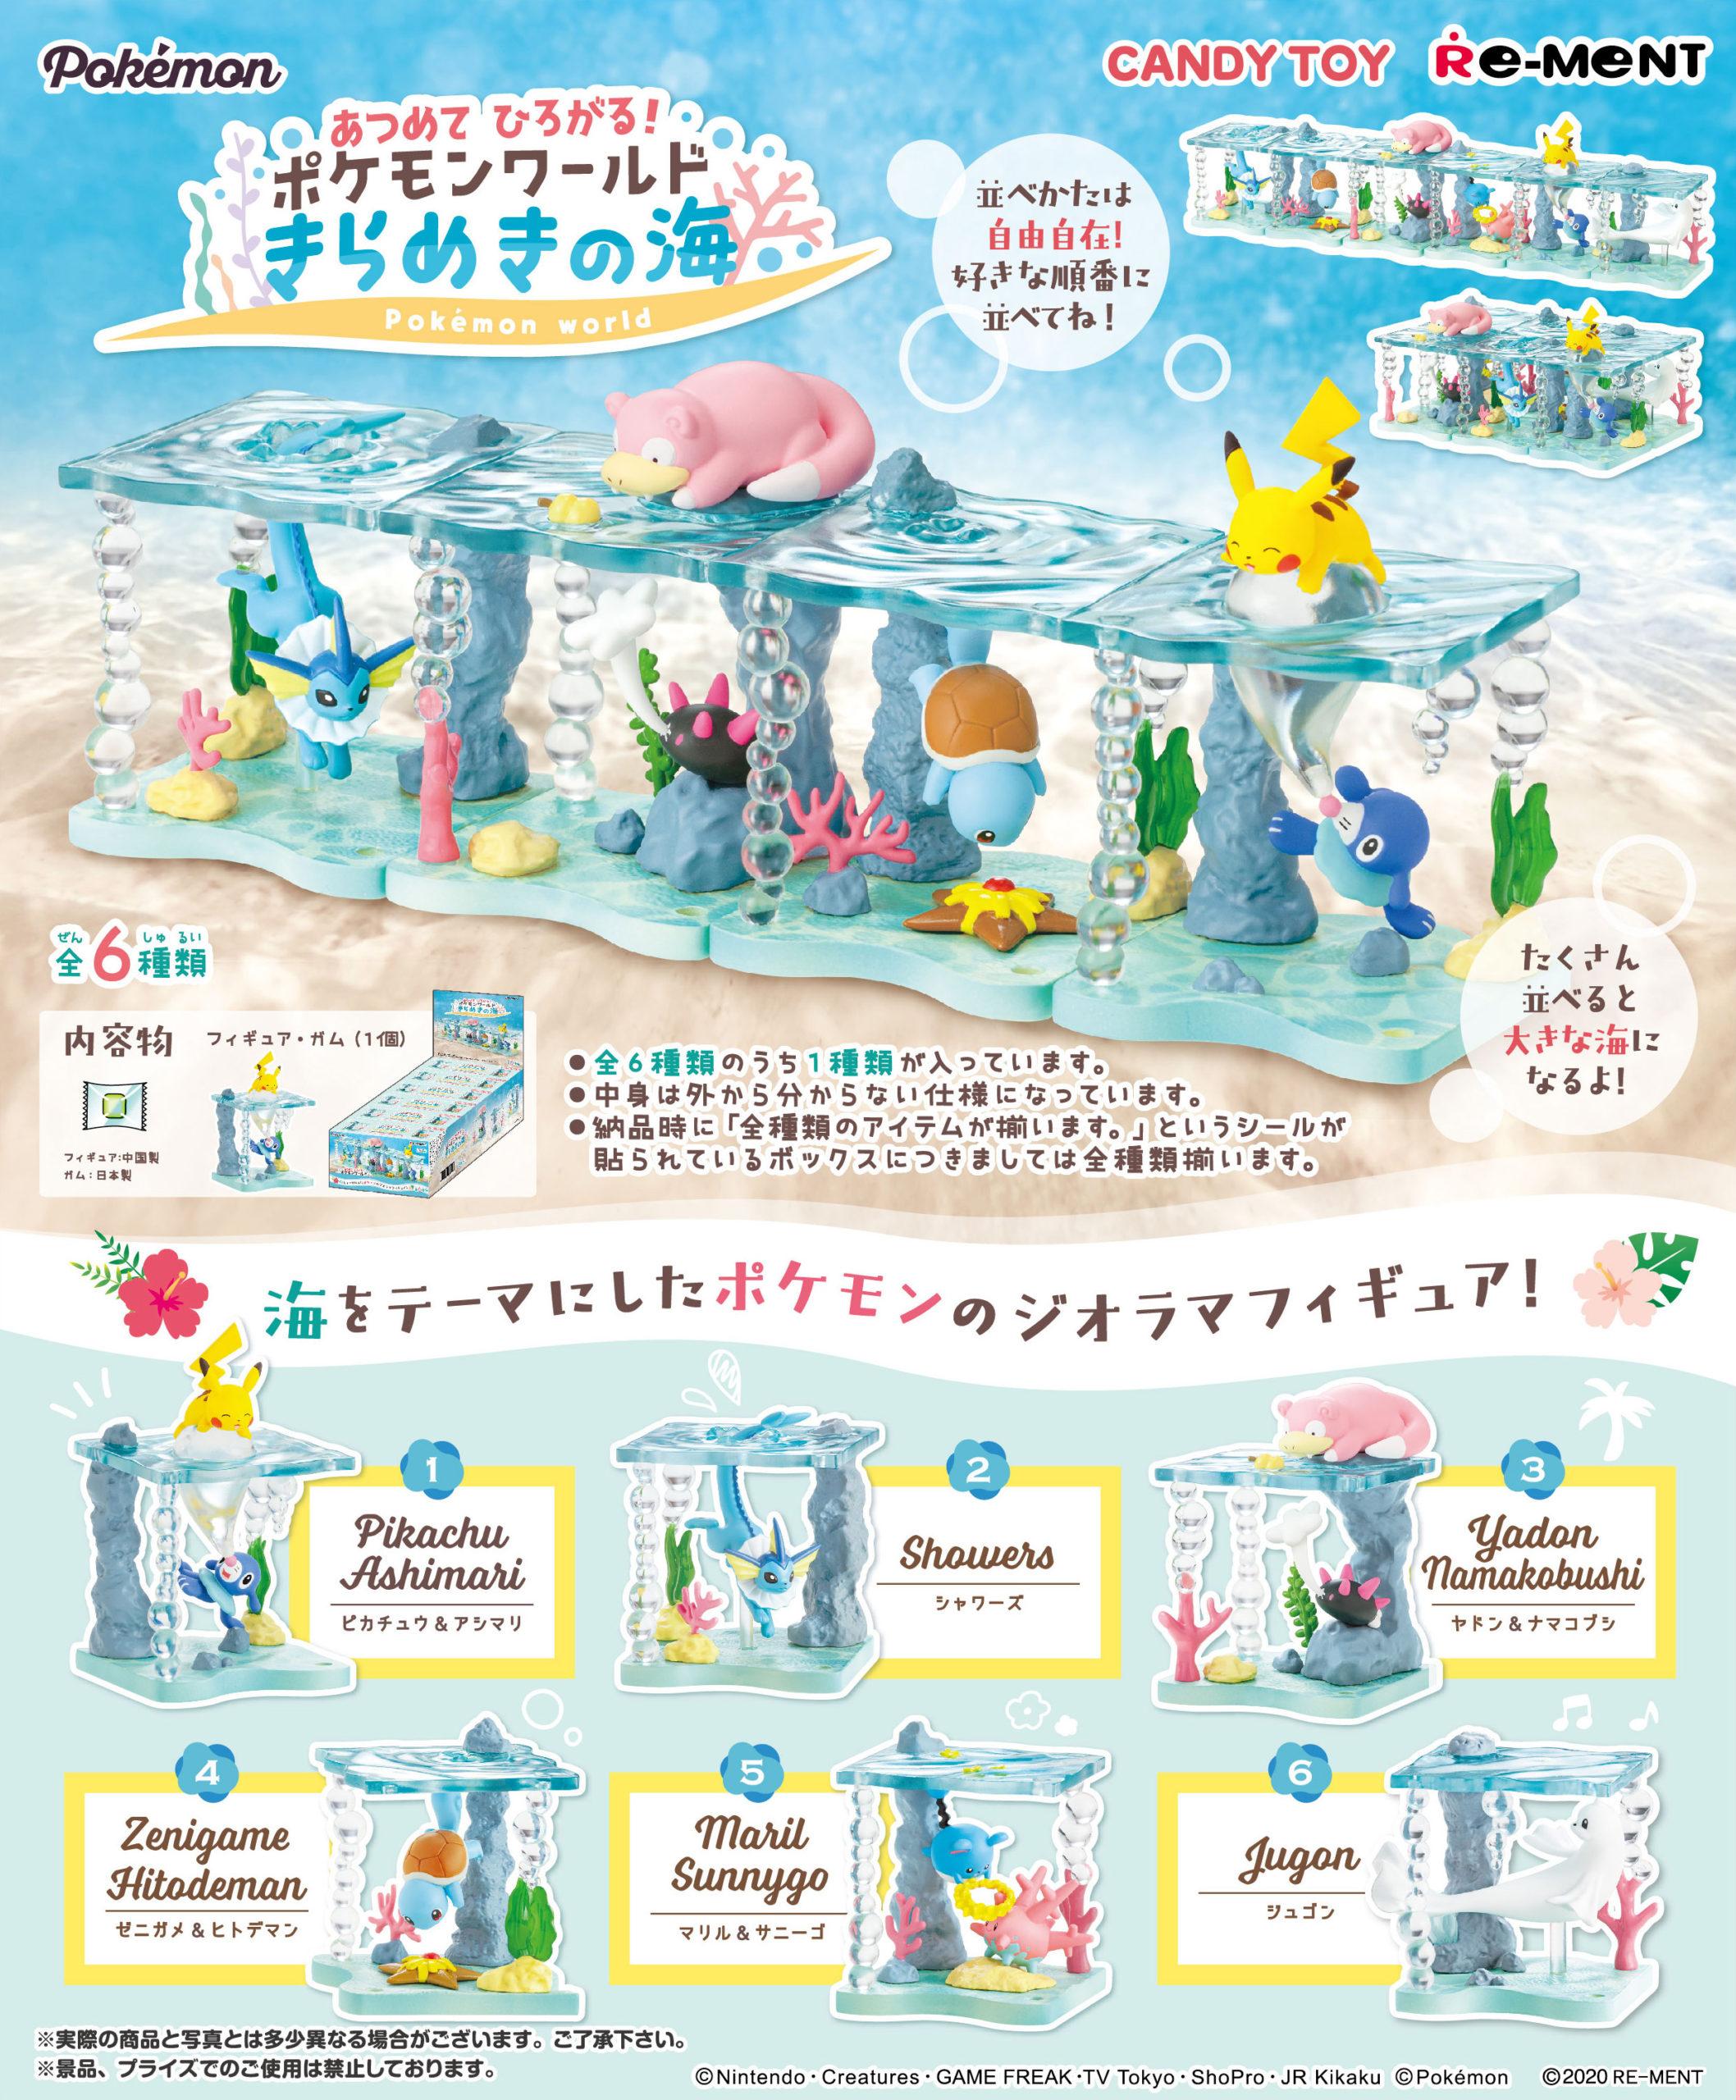 """『ポケモン』海をテーマにしたジオラマフィギュアが登場!シャワーズ・ジュゴンなど""""みずポケモン""""がラインナップ"""